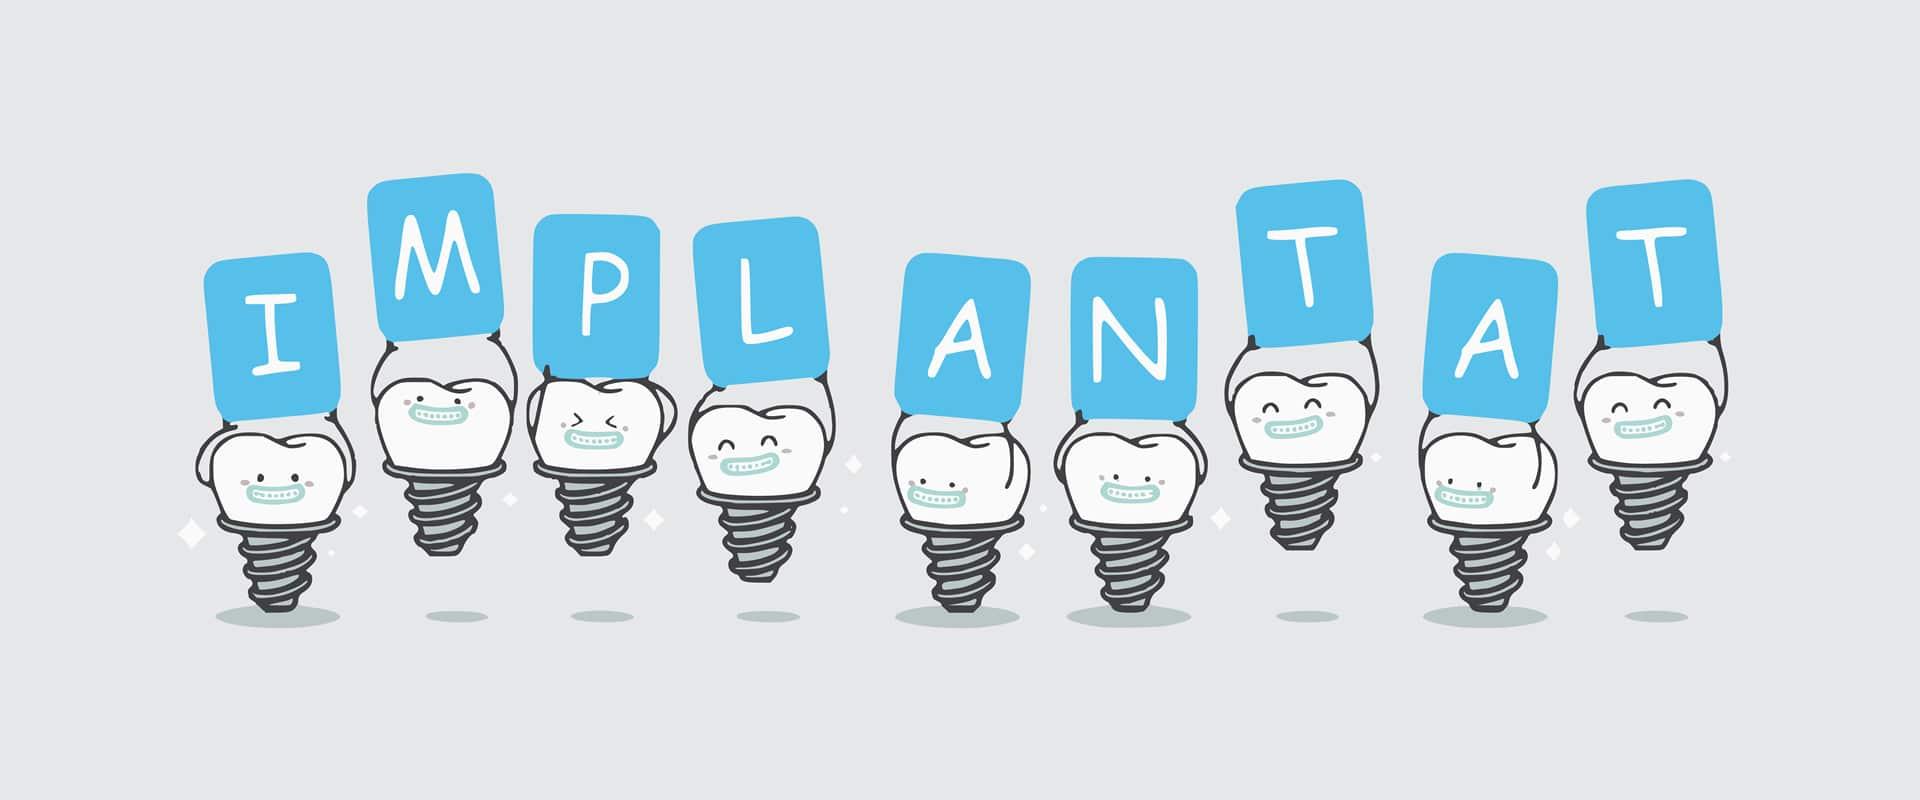 Implantat ali zobni vsadek